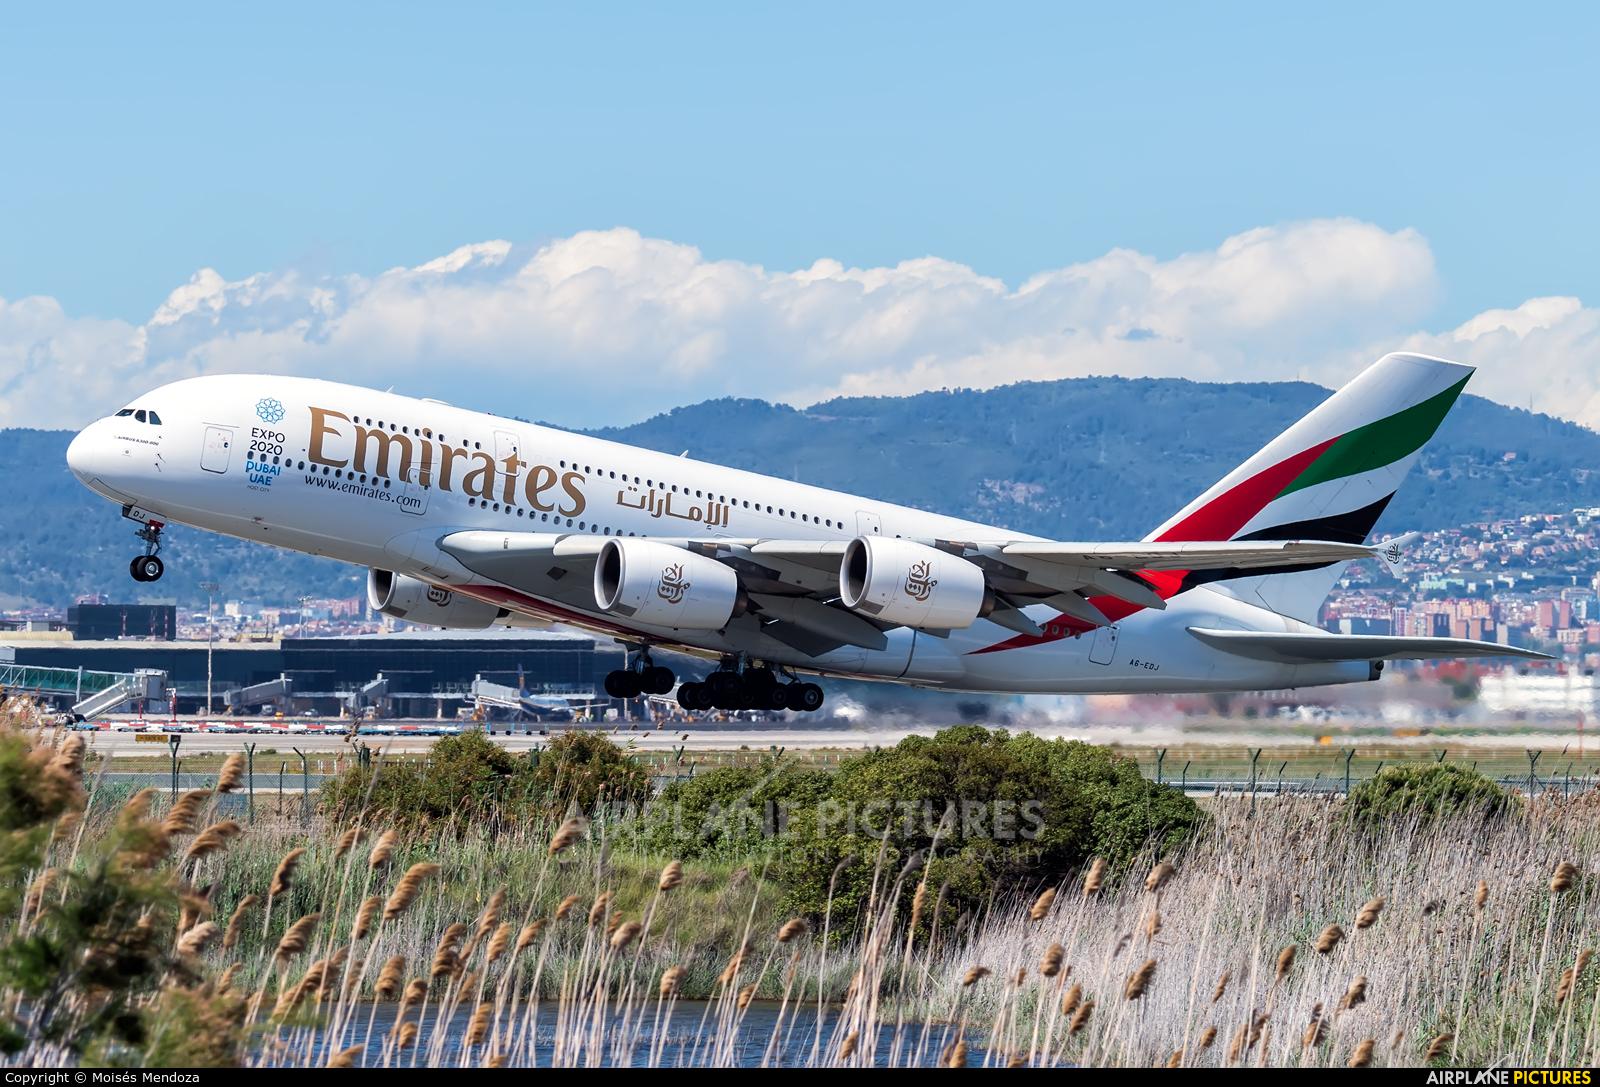 Emirates Airlines A6-EDJ aircraft at Barcelona - El Prat